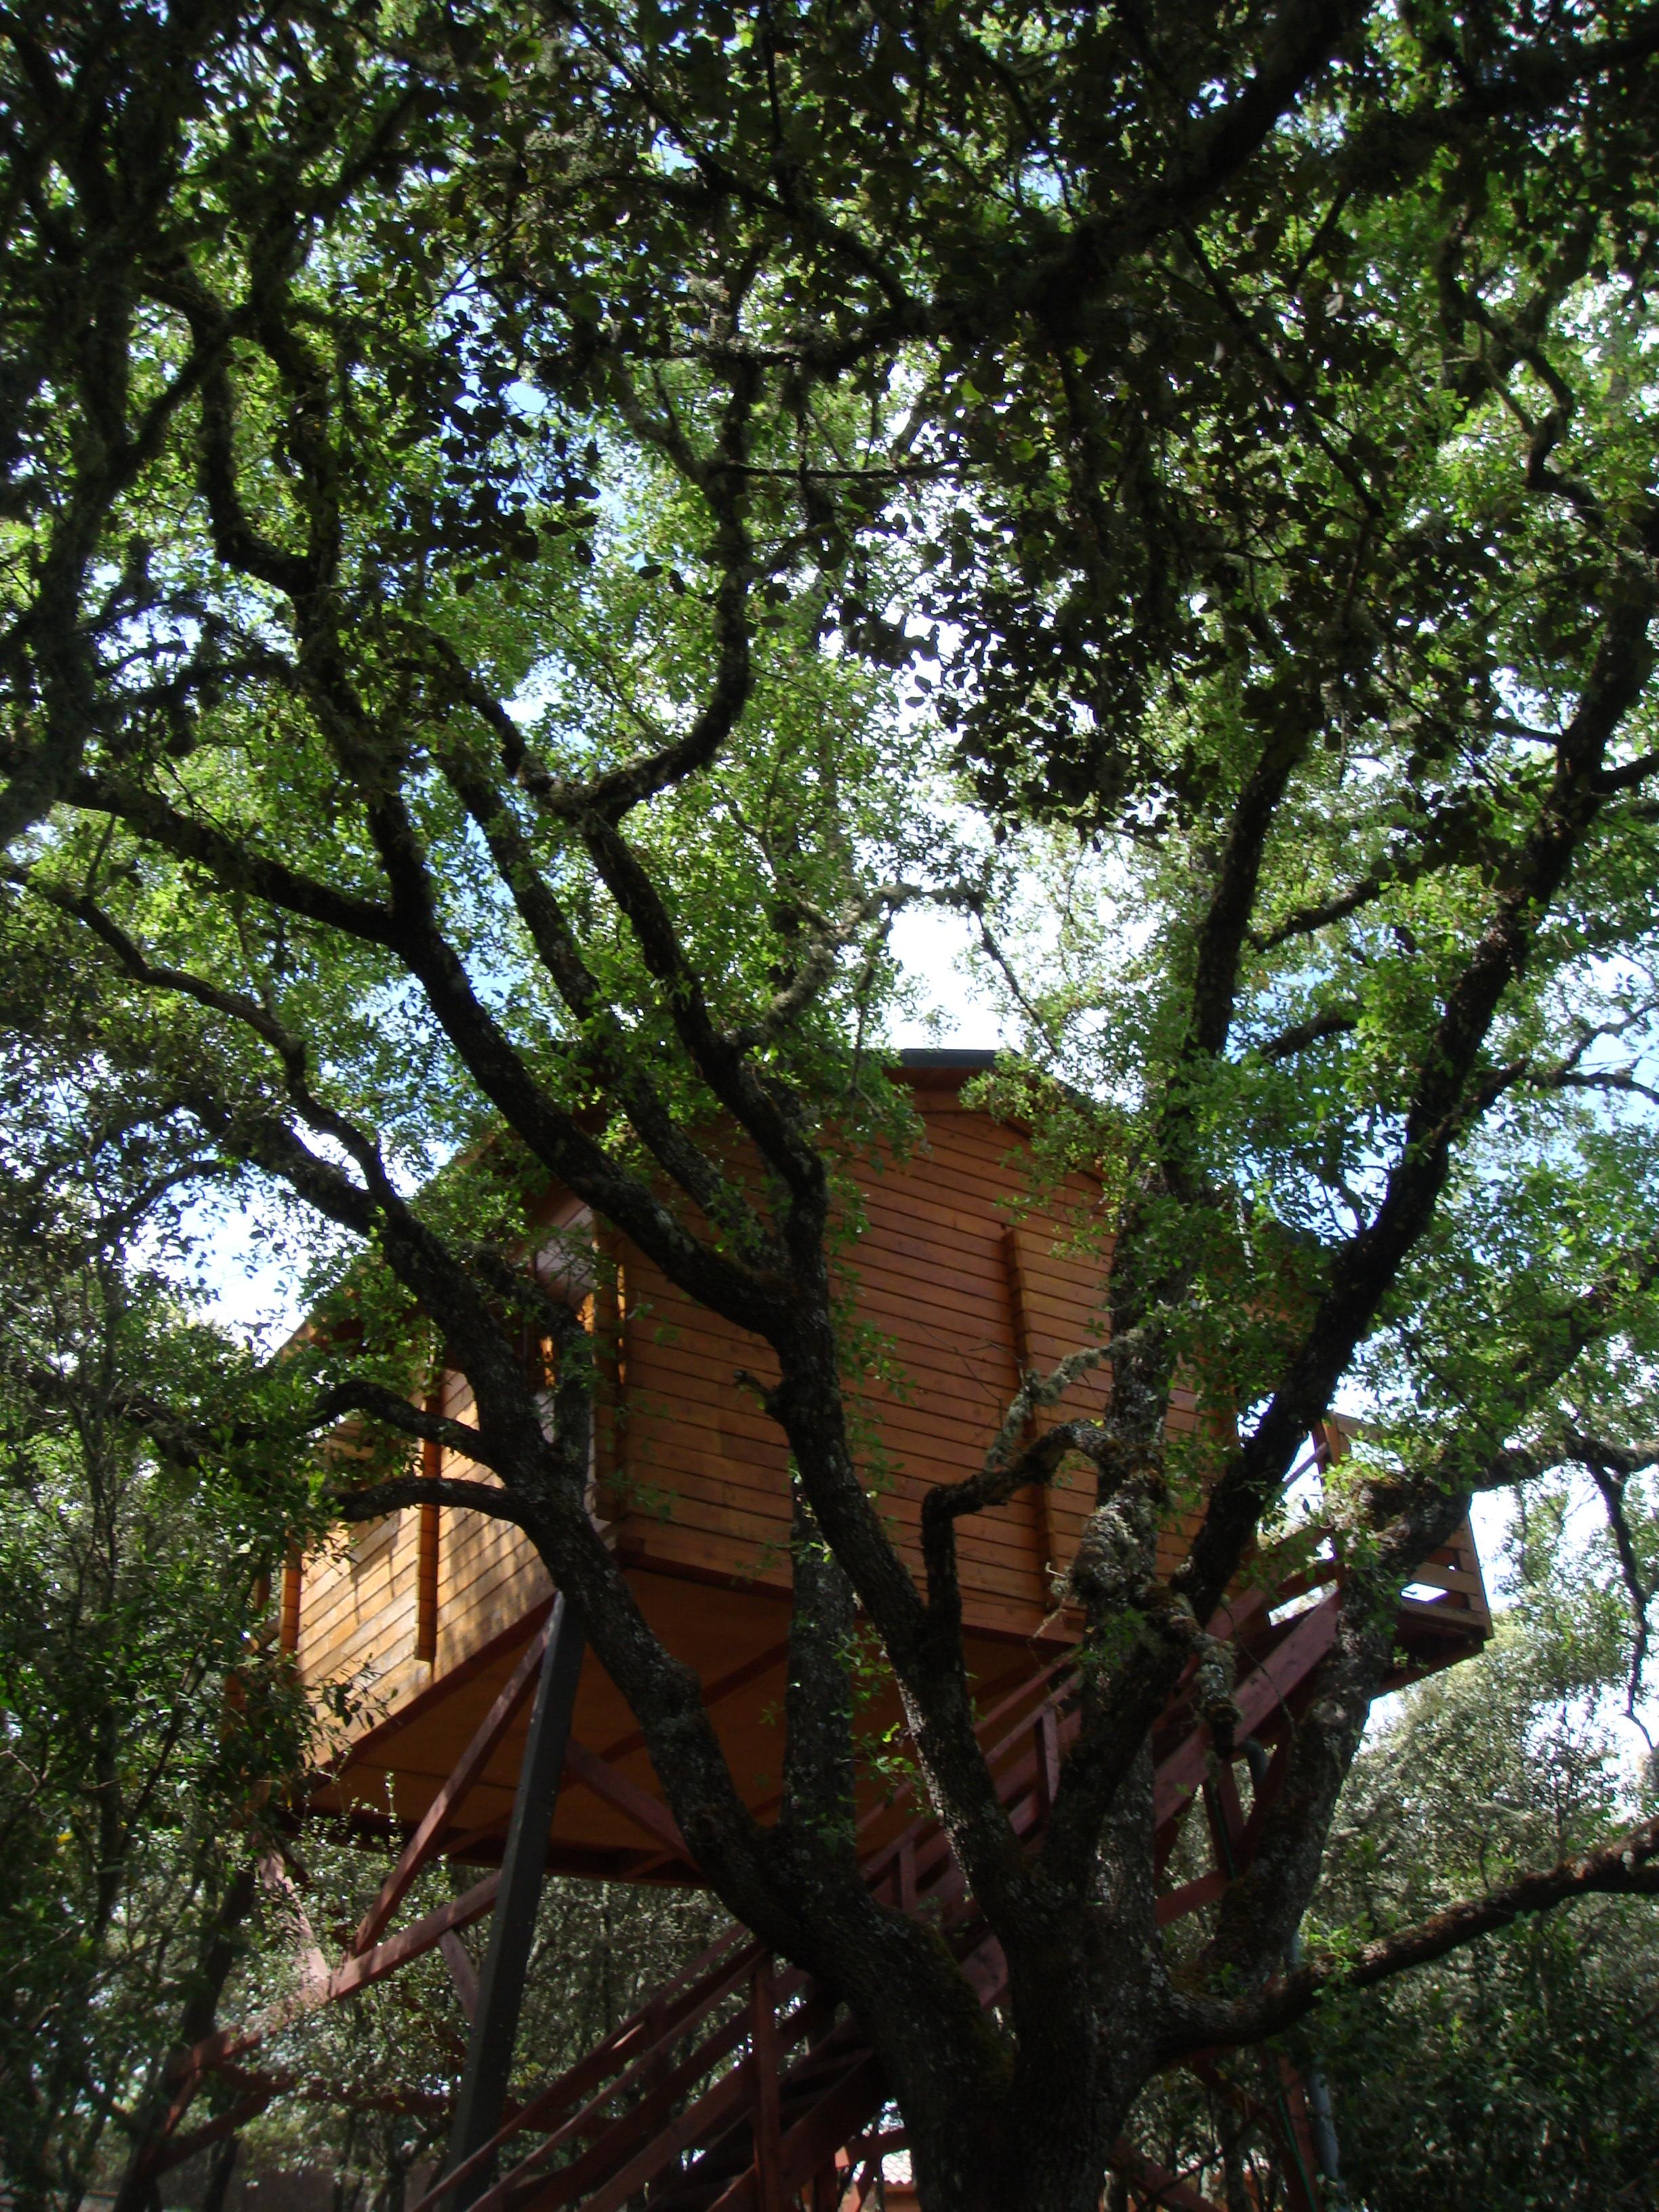 Una cabaña en un árbol turismo ecológico rural excursiones